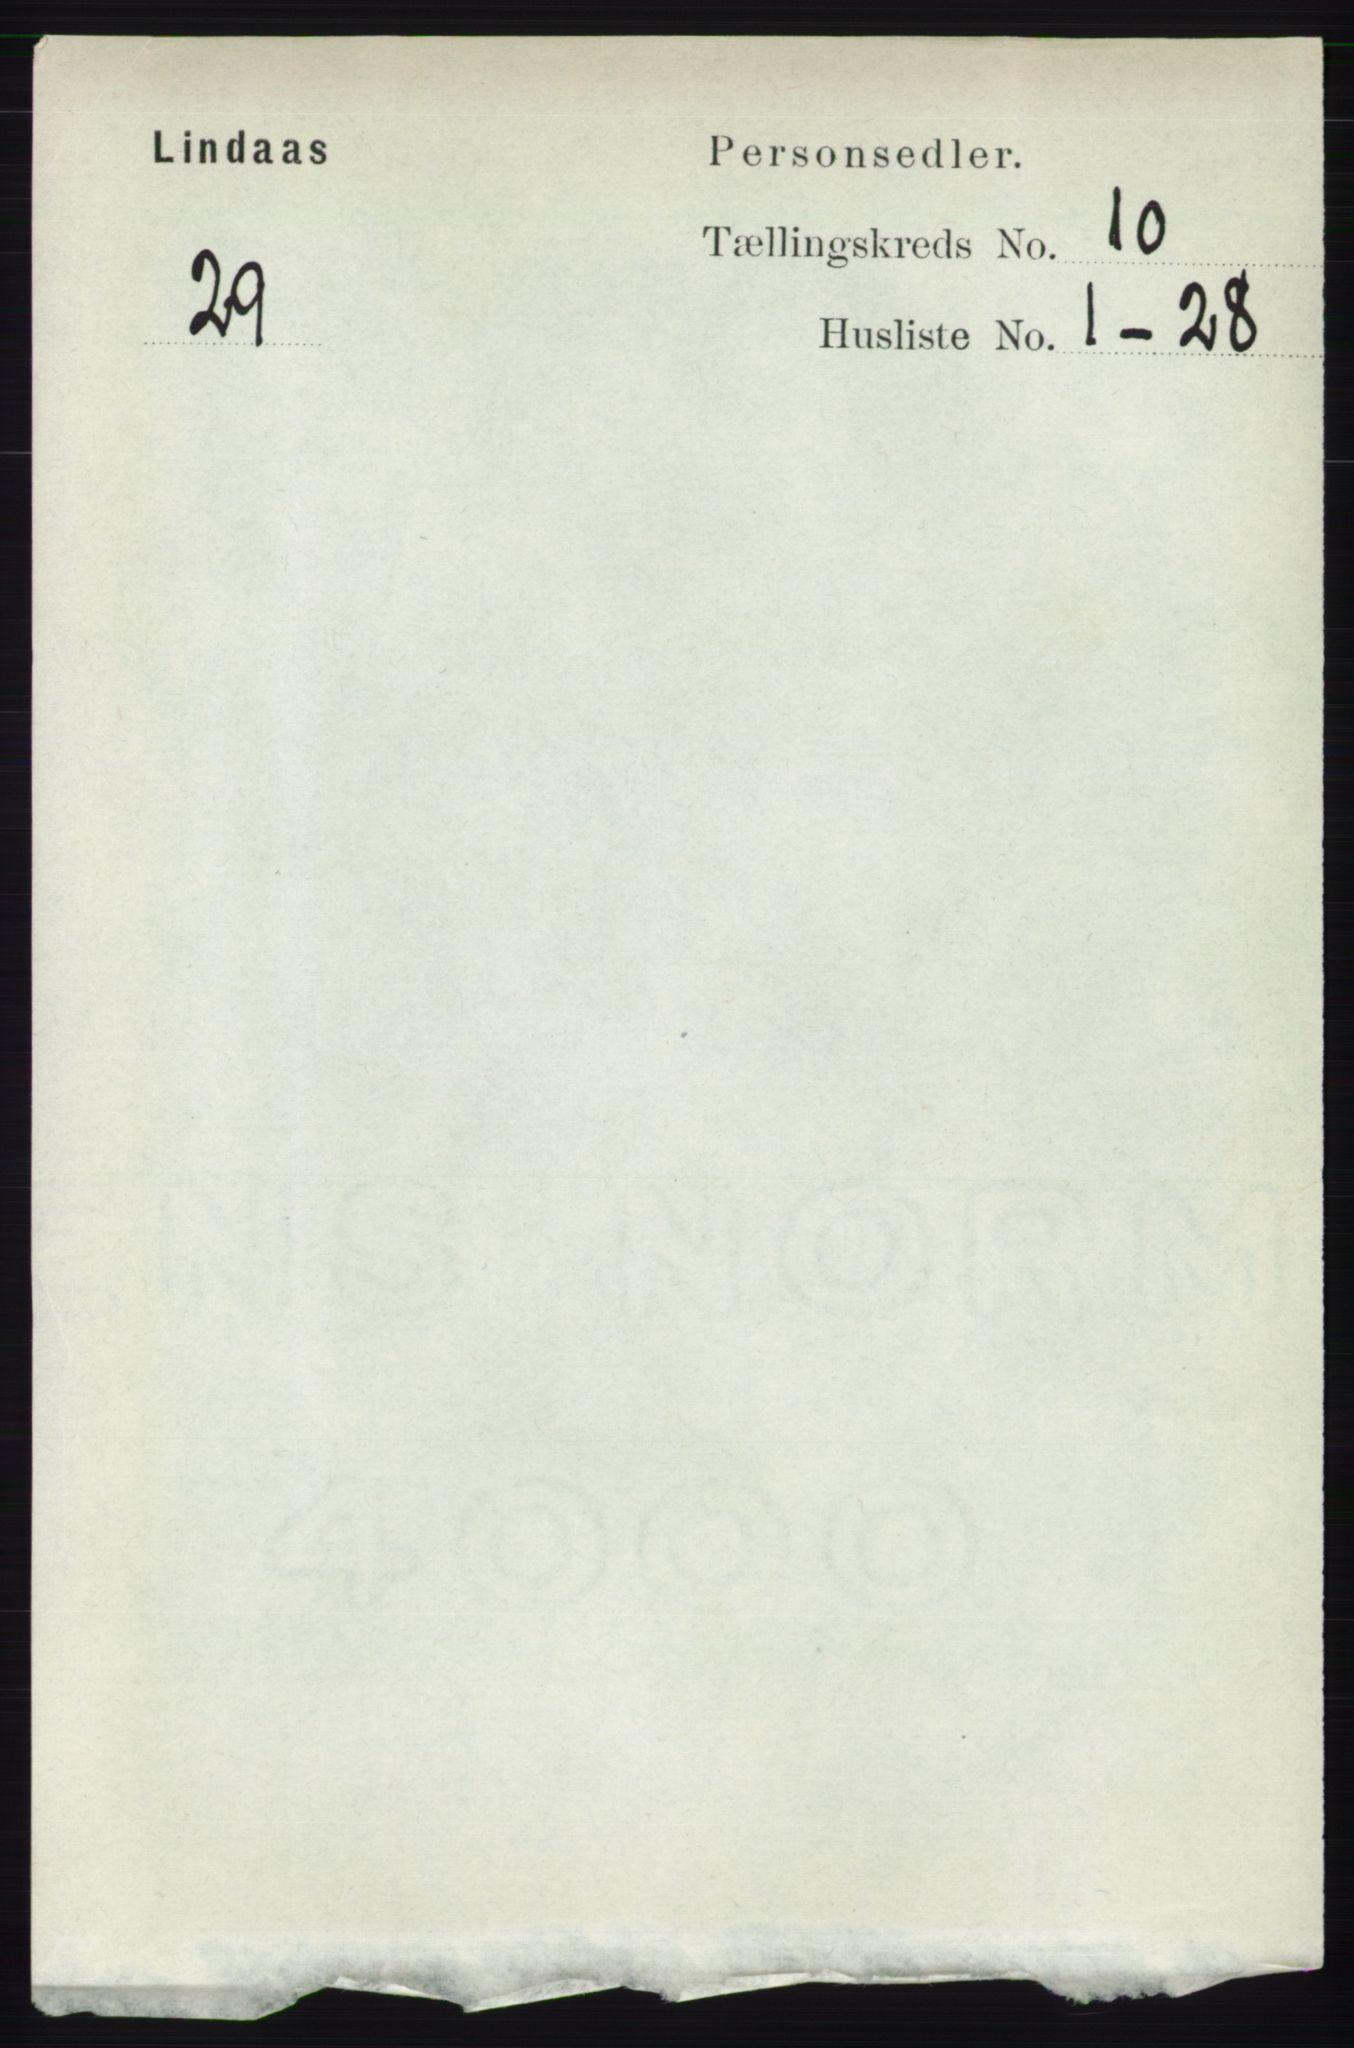 RA, Folketelling 1891 for 1263 Lindås herred, 1891, s. 3403